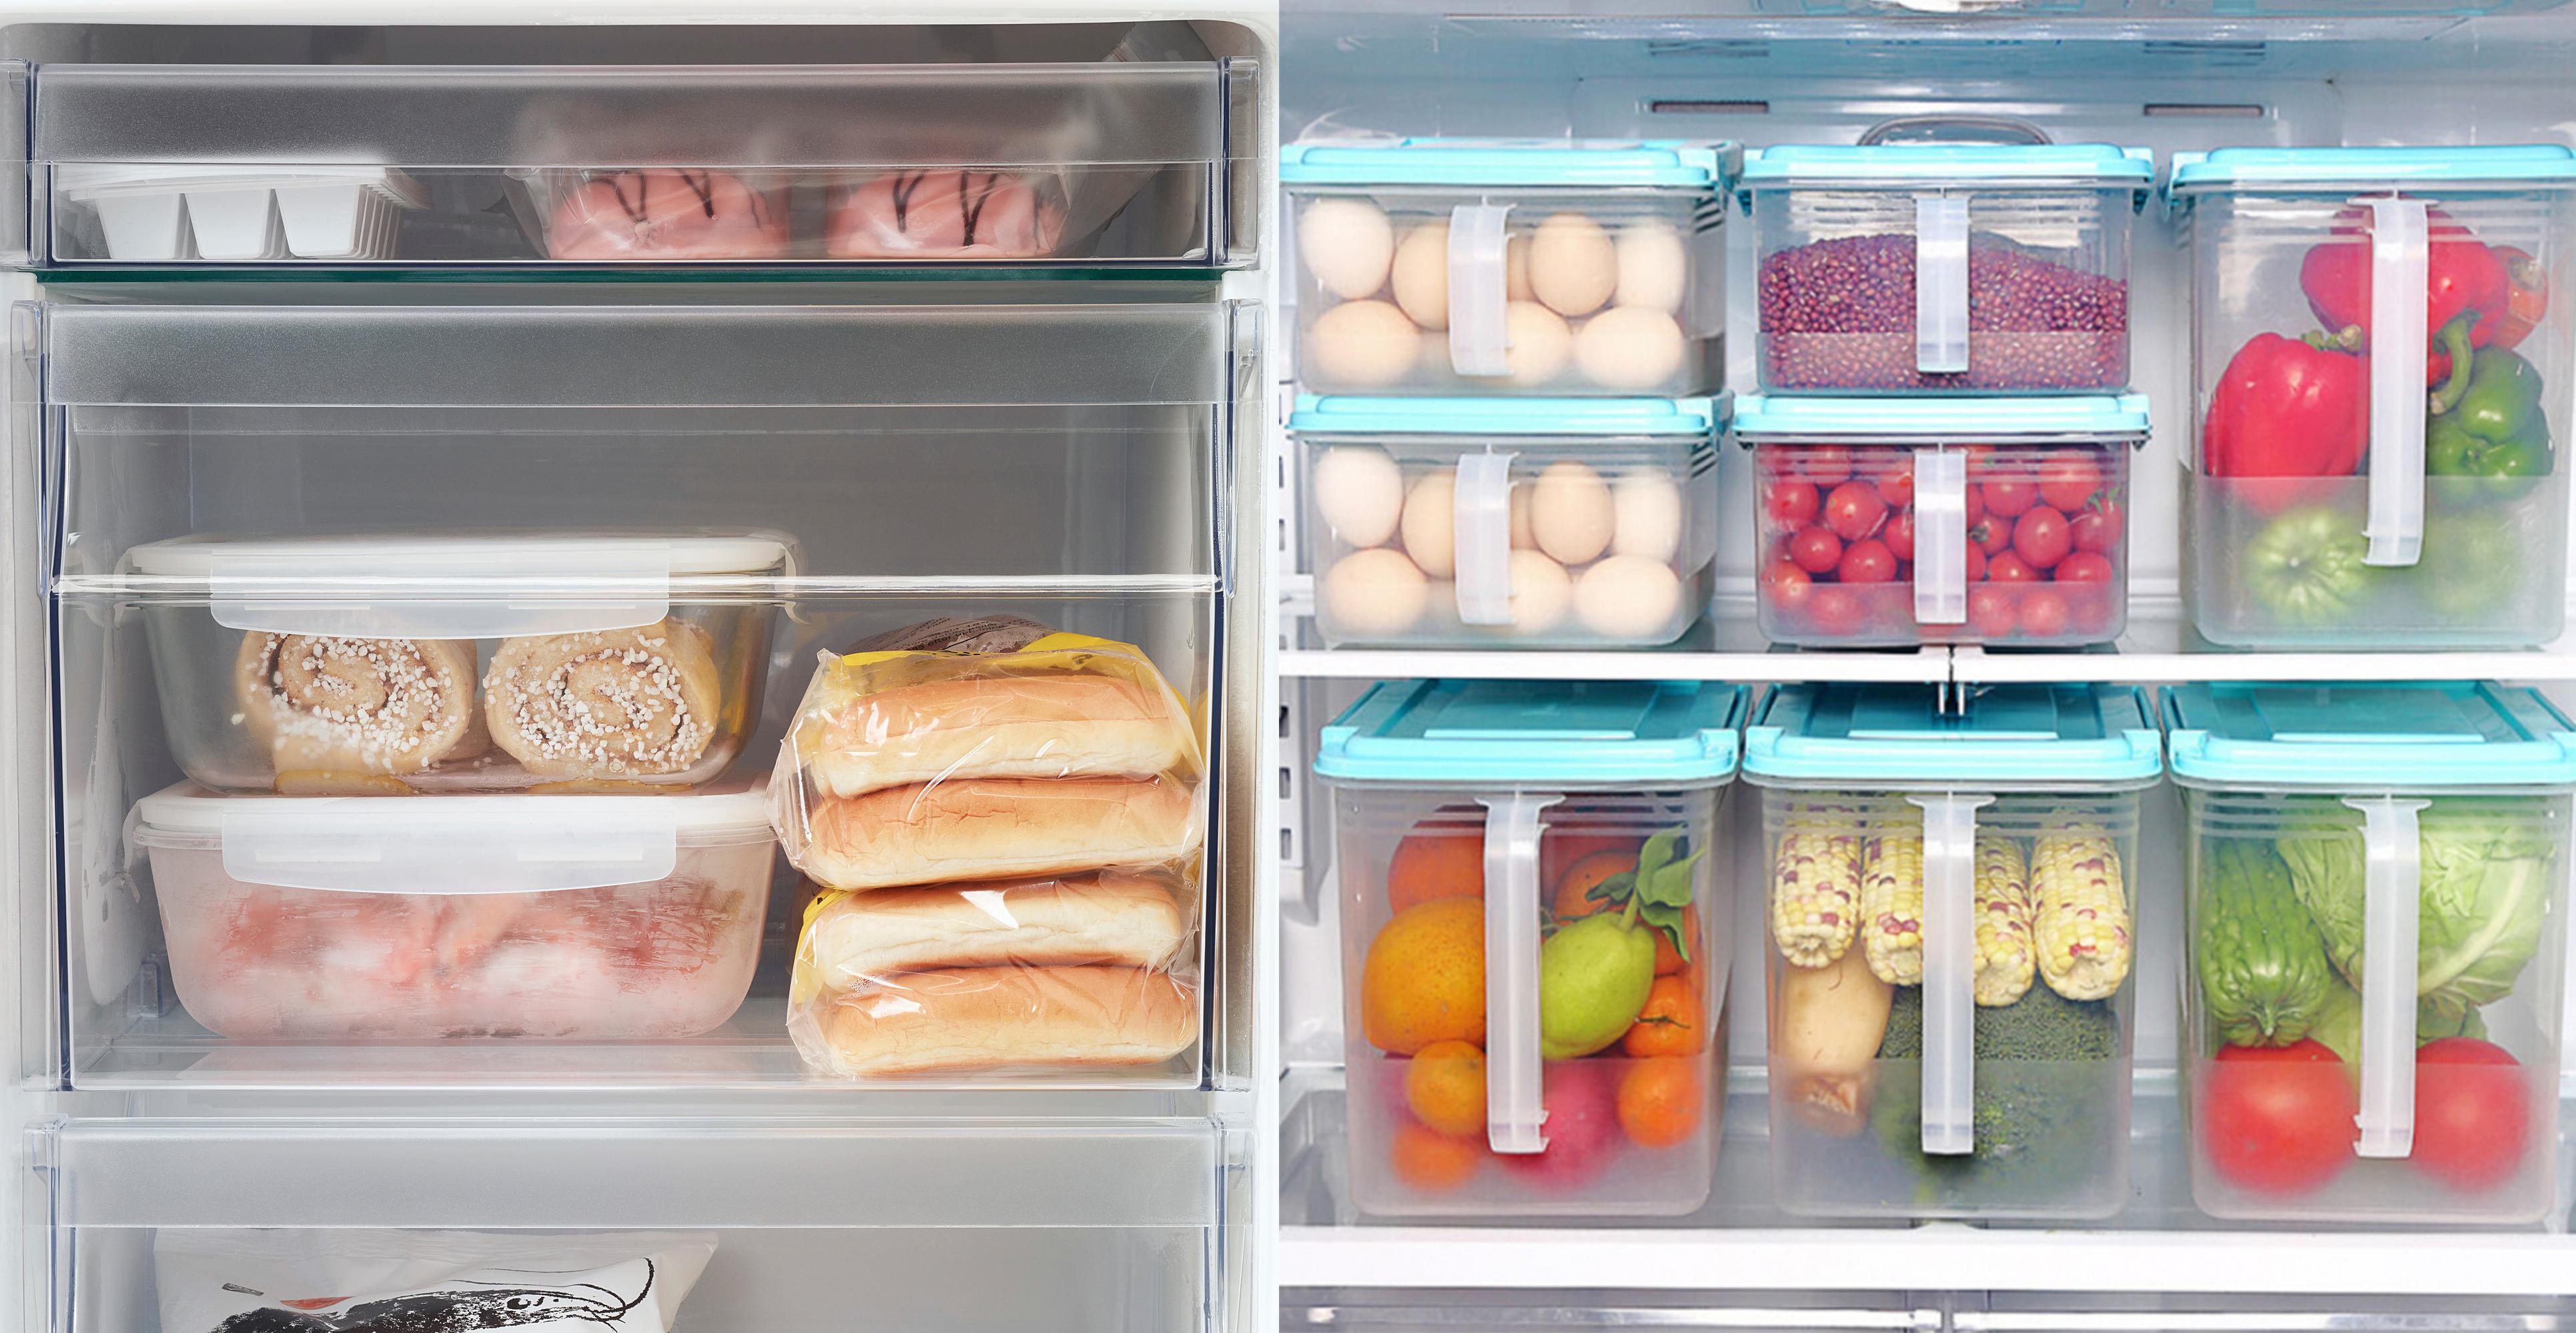 Hướng dẫn cách sắp xếp và bảo quản thực phẩm đúng cách trong tủ lạnh